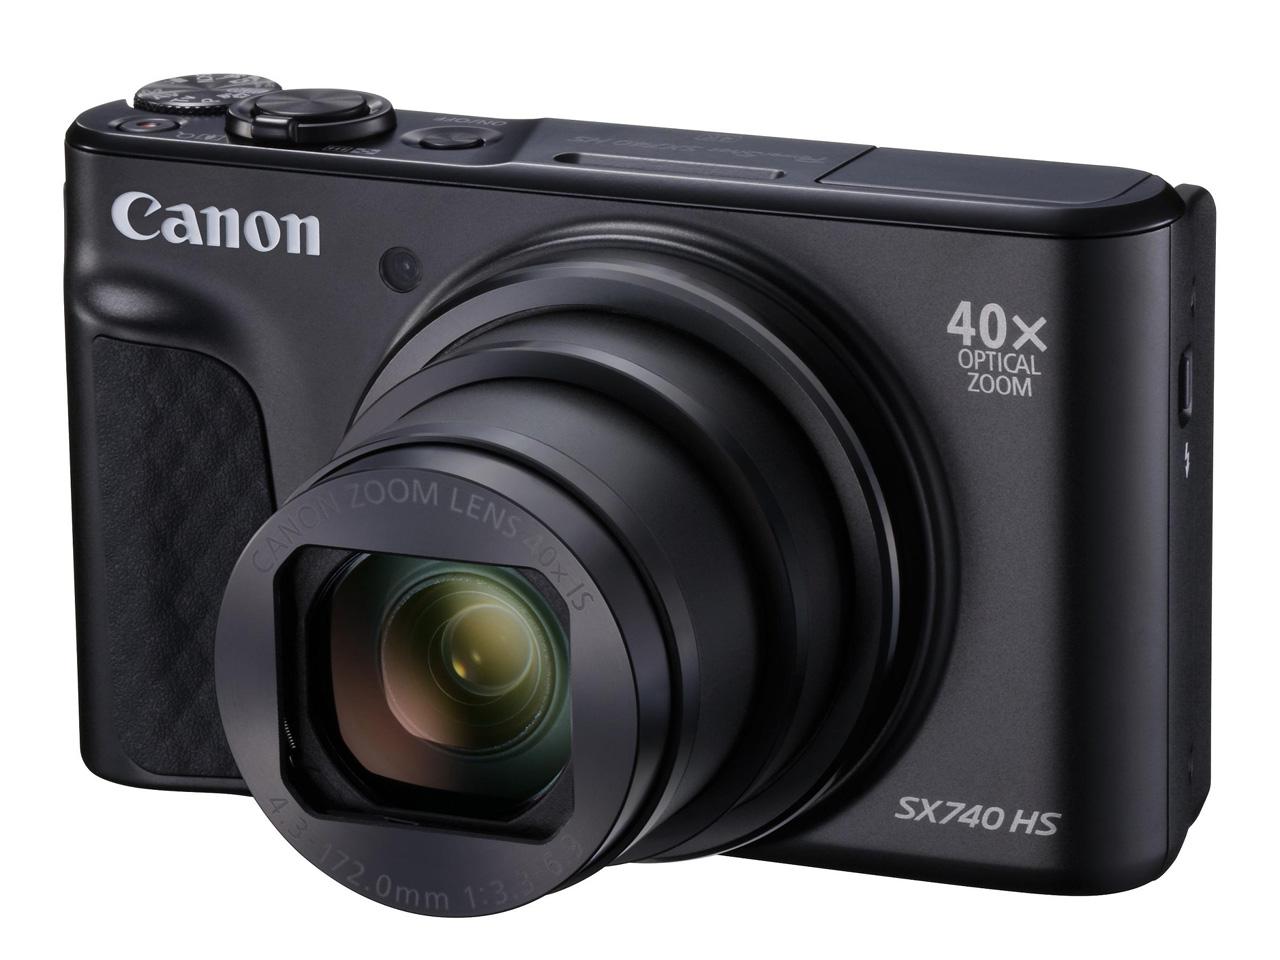 PowerShot SX740 HS [ブラック] の製品画像